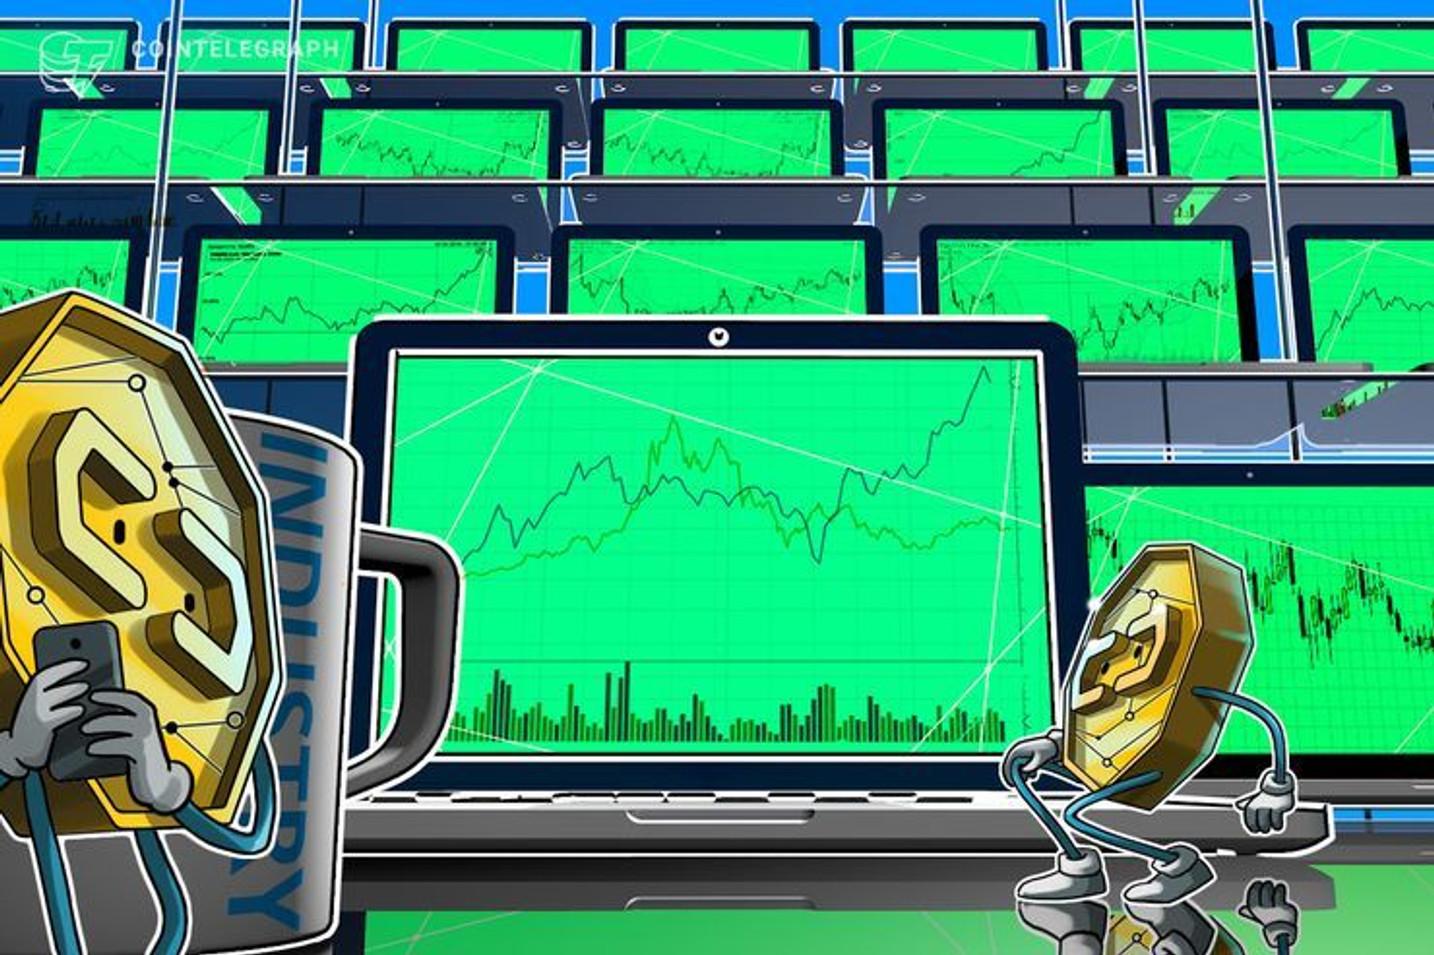 本日「行って来い」の値動き、短期的にはパラボリックも回転 仮想通貨ビットコイン相場市況(12月6日)